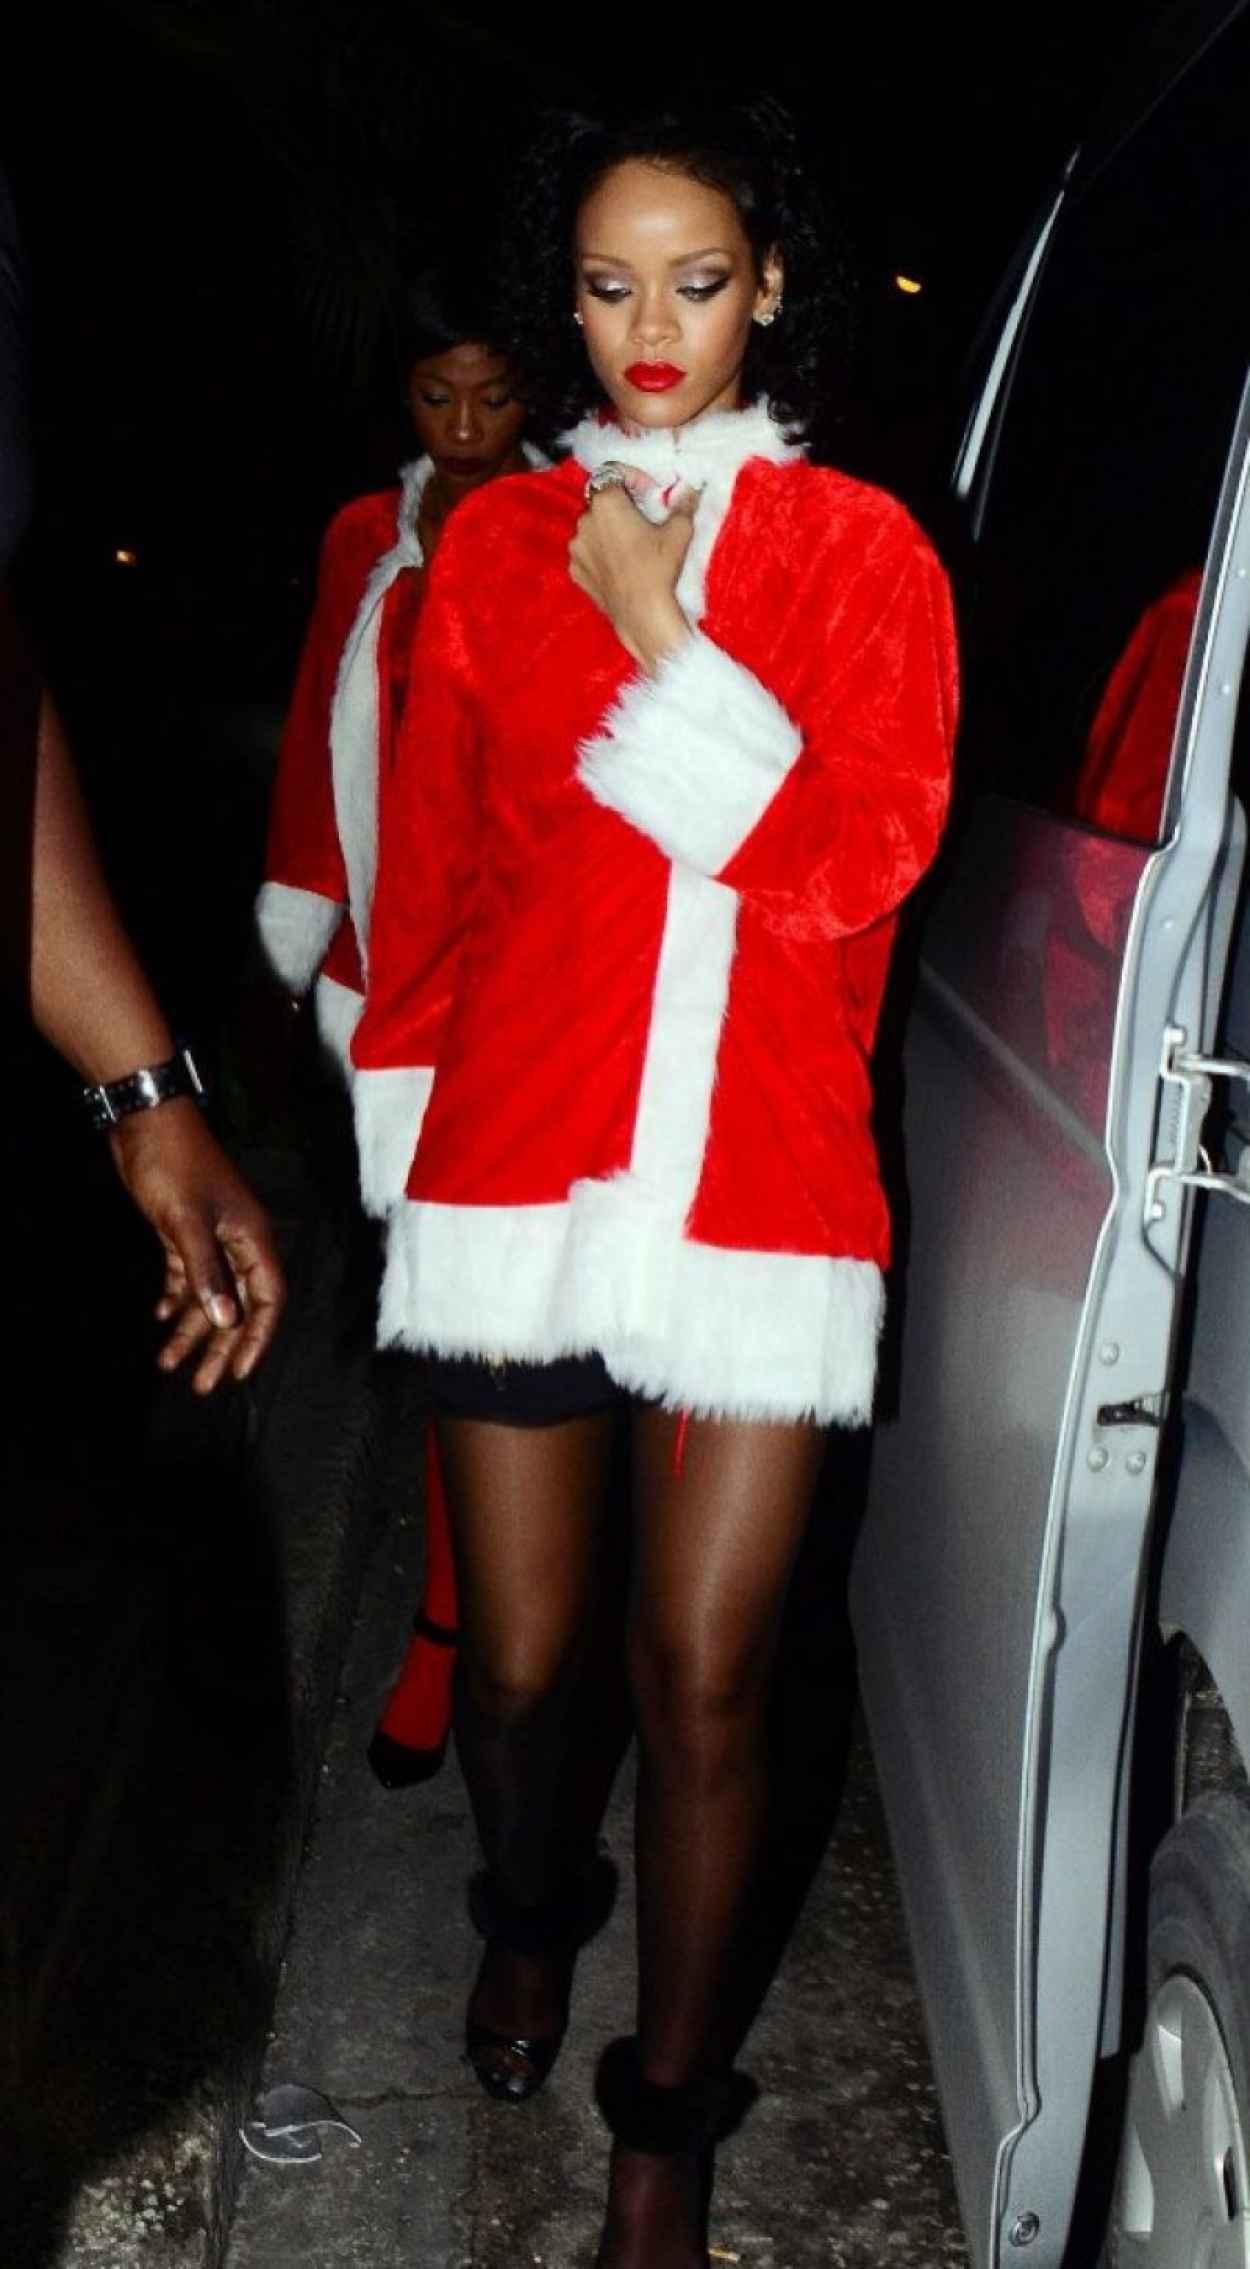 Rihanna - Priva Barbados Lounge and Night Club, Holetown, Barbados - December 2015-4